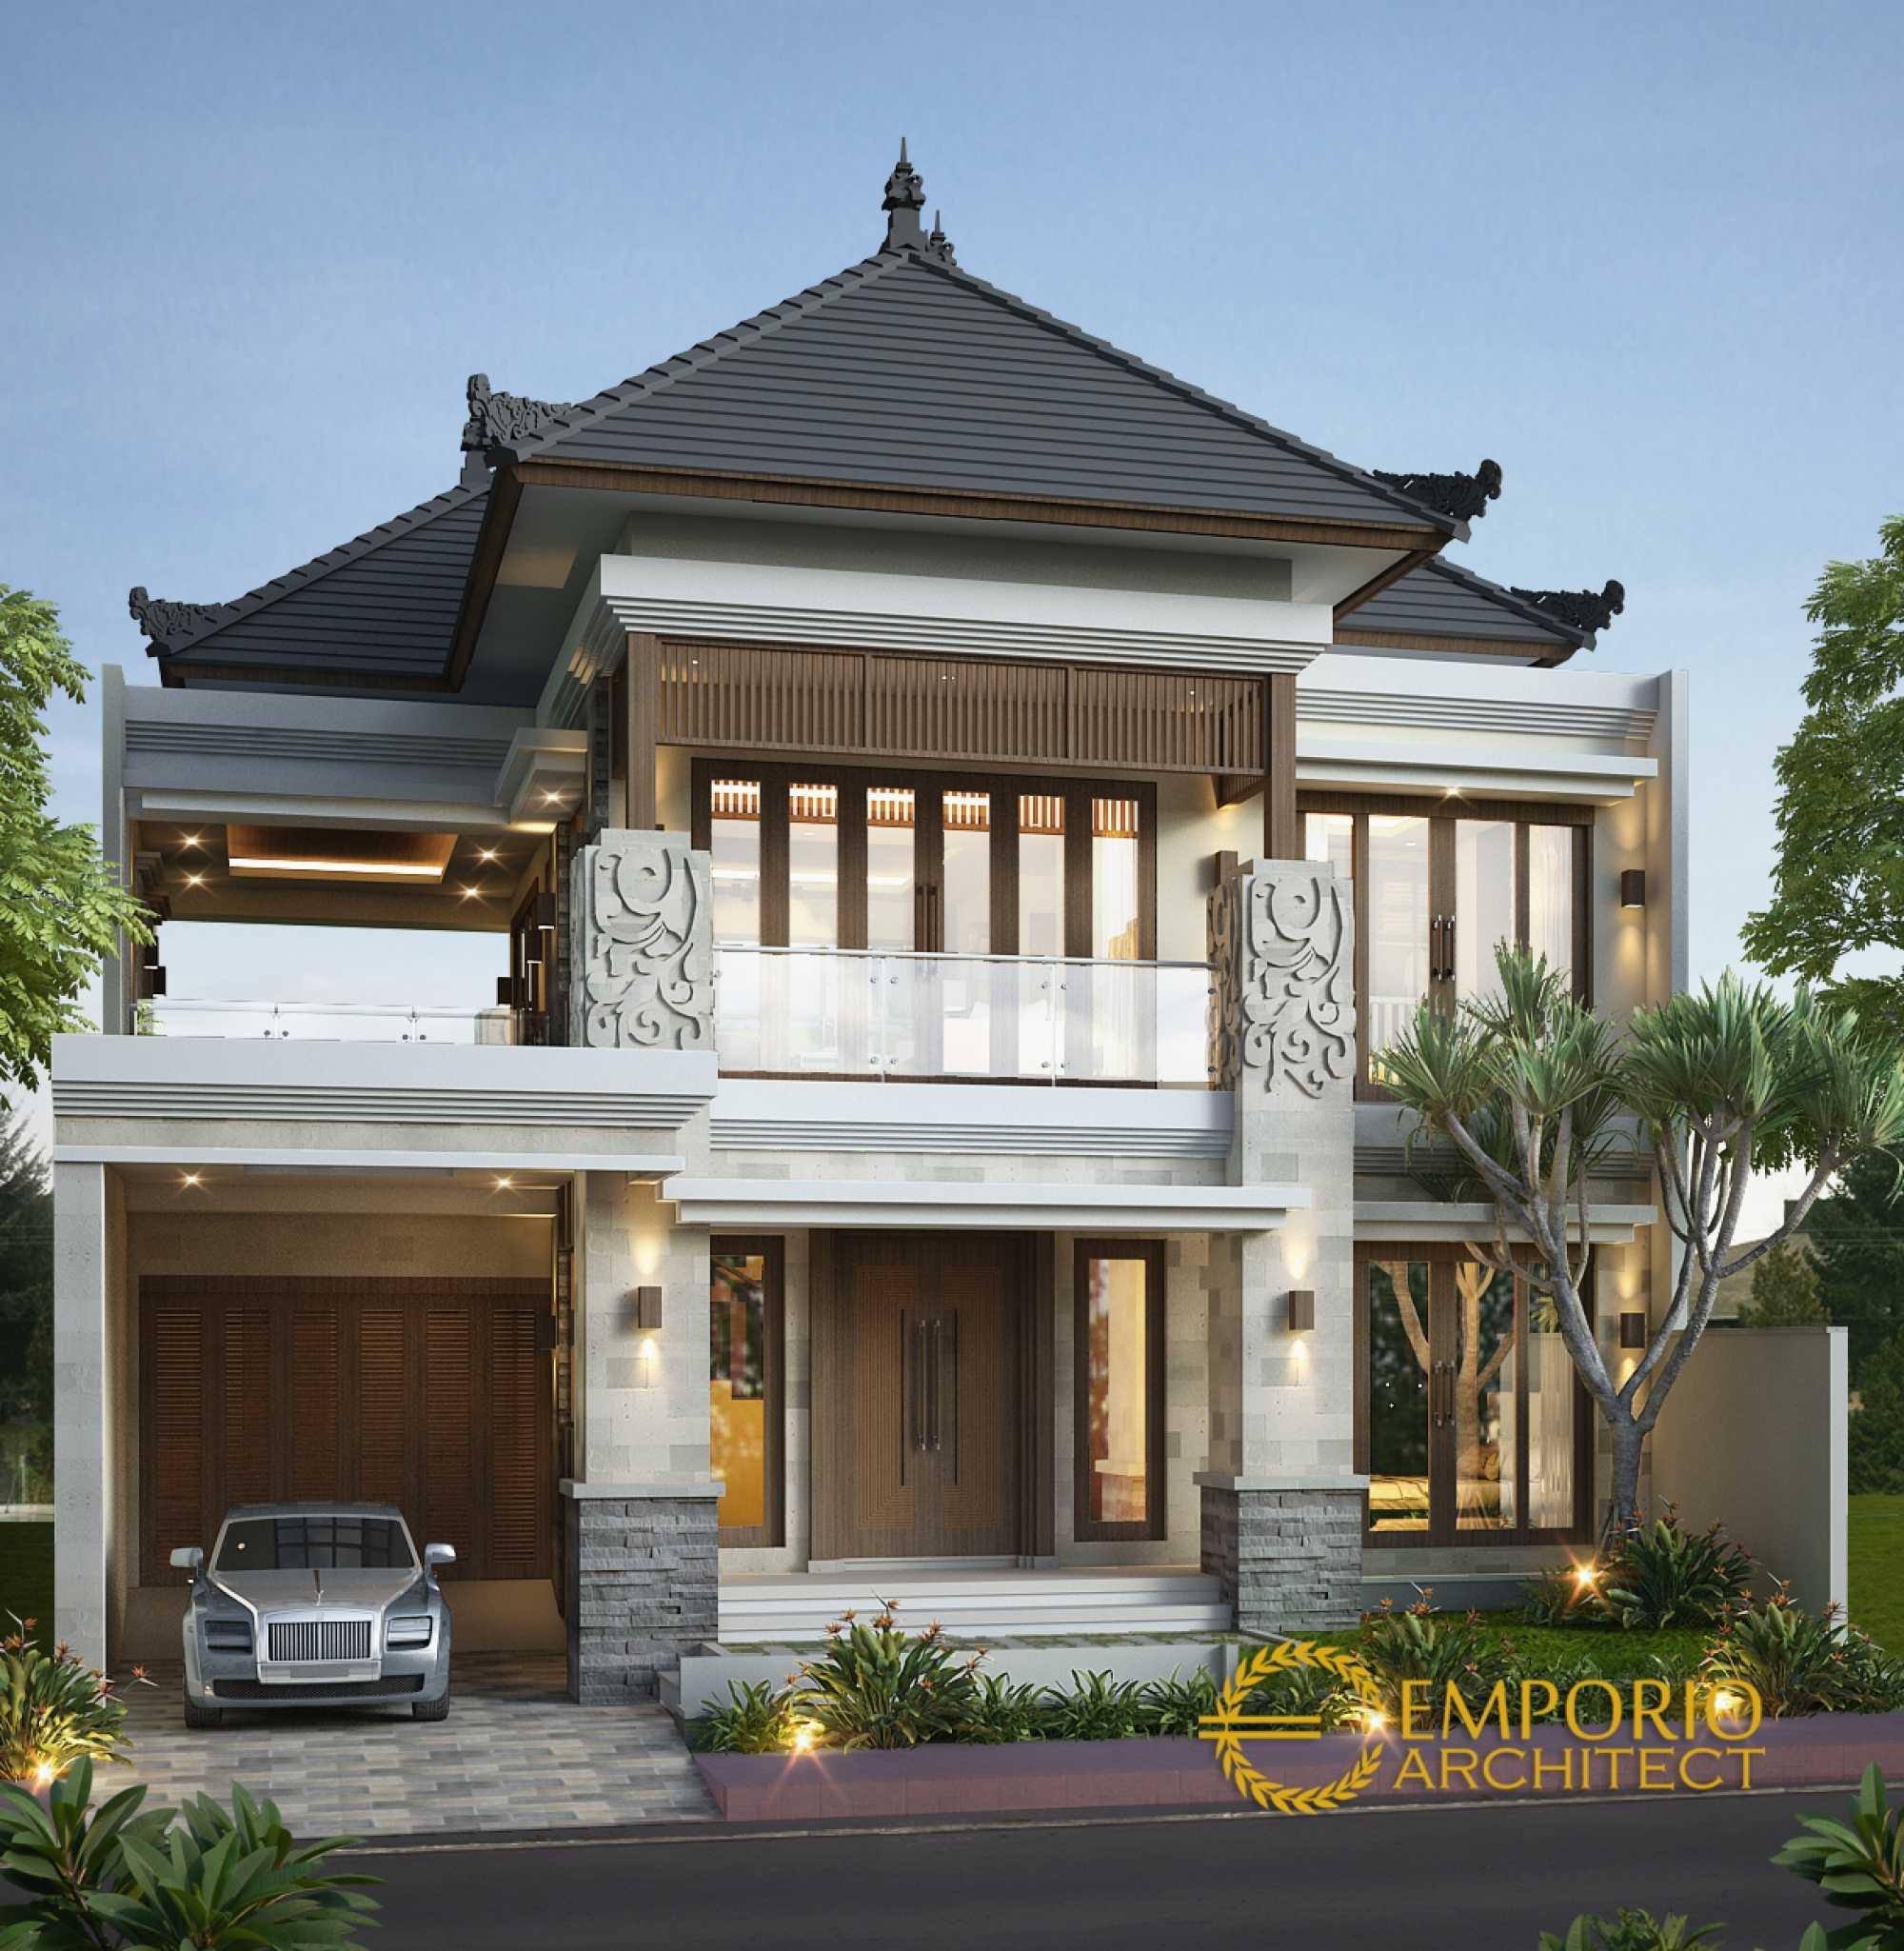 Emporio Architect Desain Rumah Villa Bali Tropis 430 @ Kuta, Bali Kuta, Kabupaten Badung, Bali, Indonesia Kuta, Kabupaten Badung, Bali, Indonesia Emporio-Architect-Desain-Rumah-Villa-Bali-Tropis-430-Kuta-Bali Tropical 77505